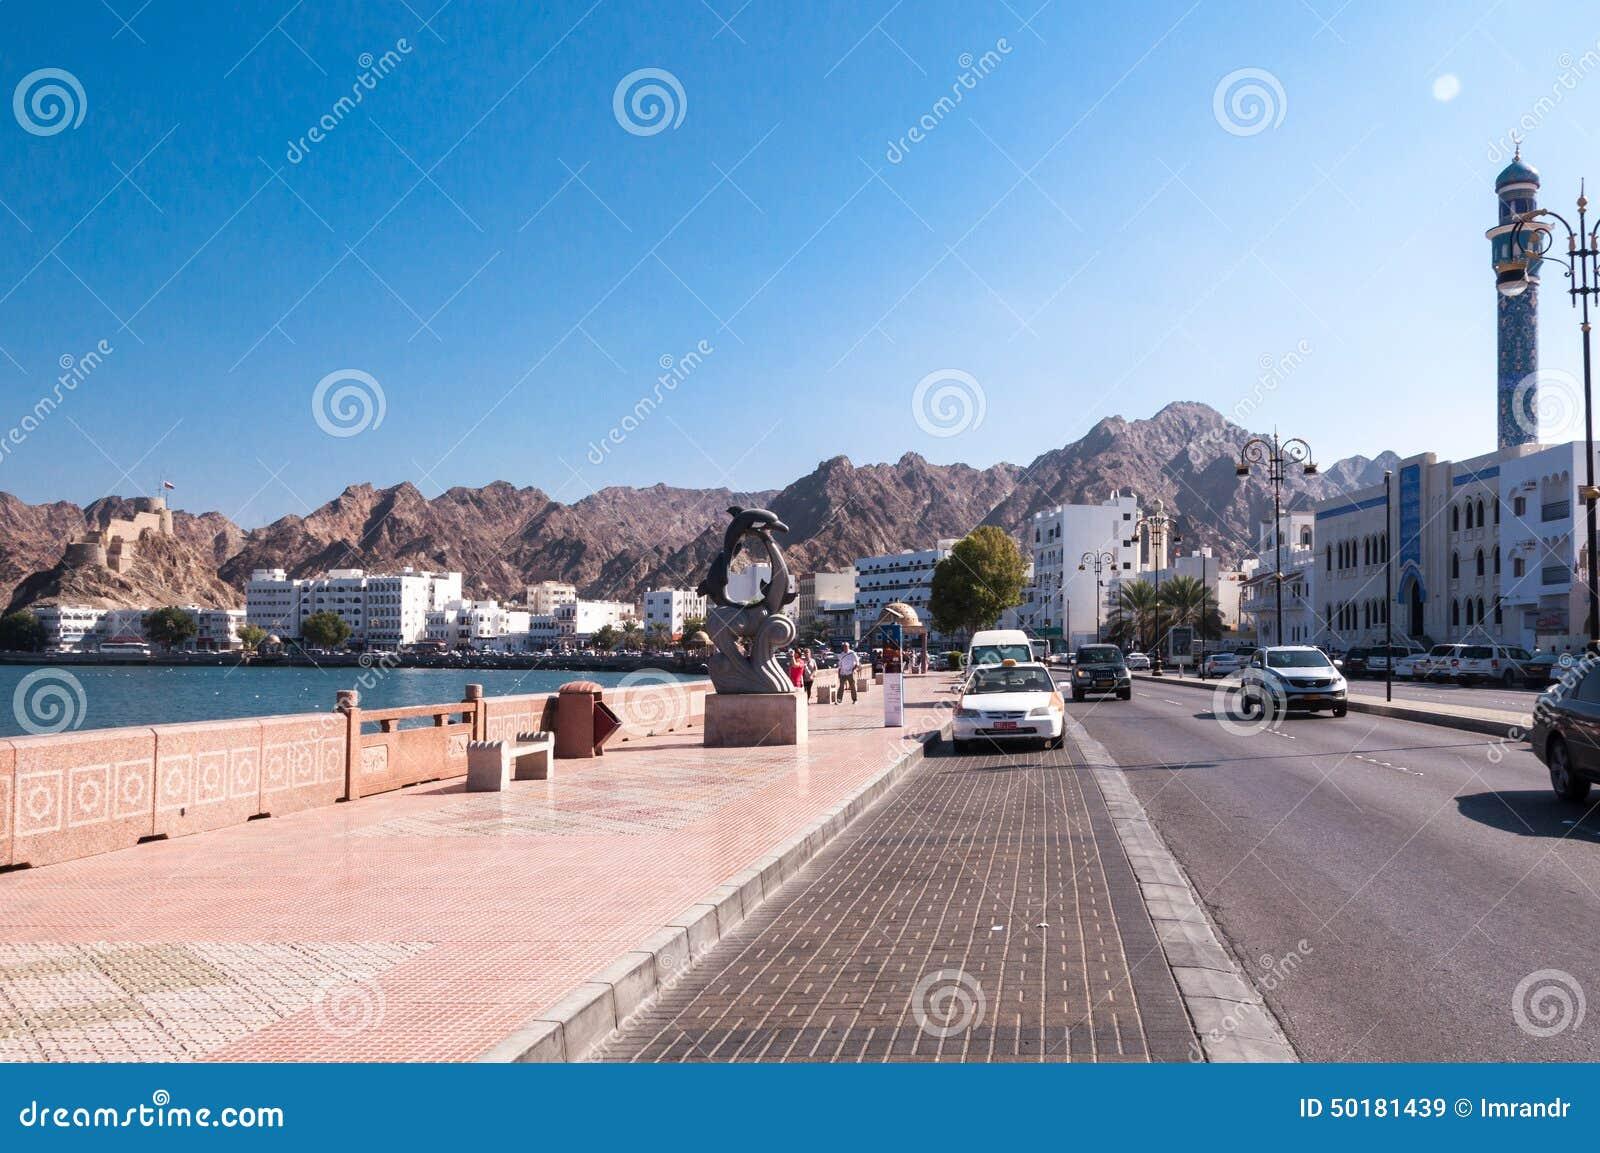 Toerist die op Corniche, Muscateldruif, Oman lopen